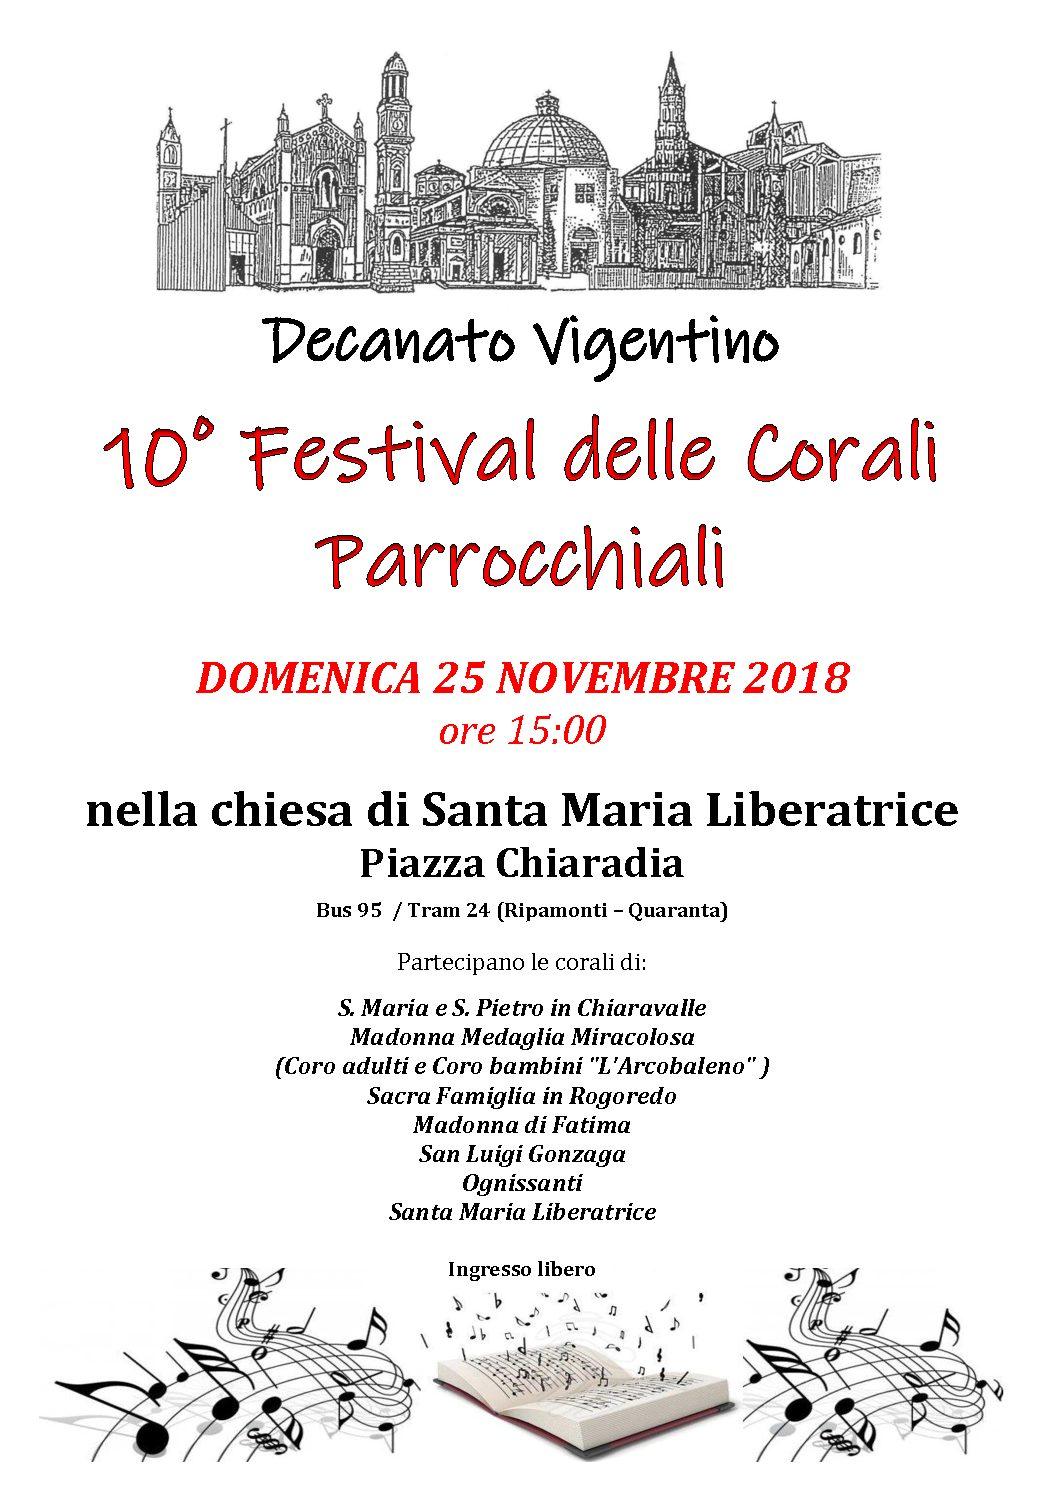 Festival delle Corali Parrocchiali DECANATO VIGENTINO